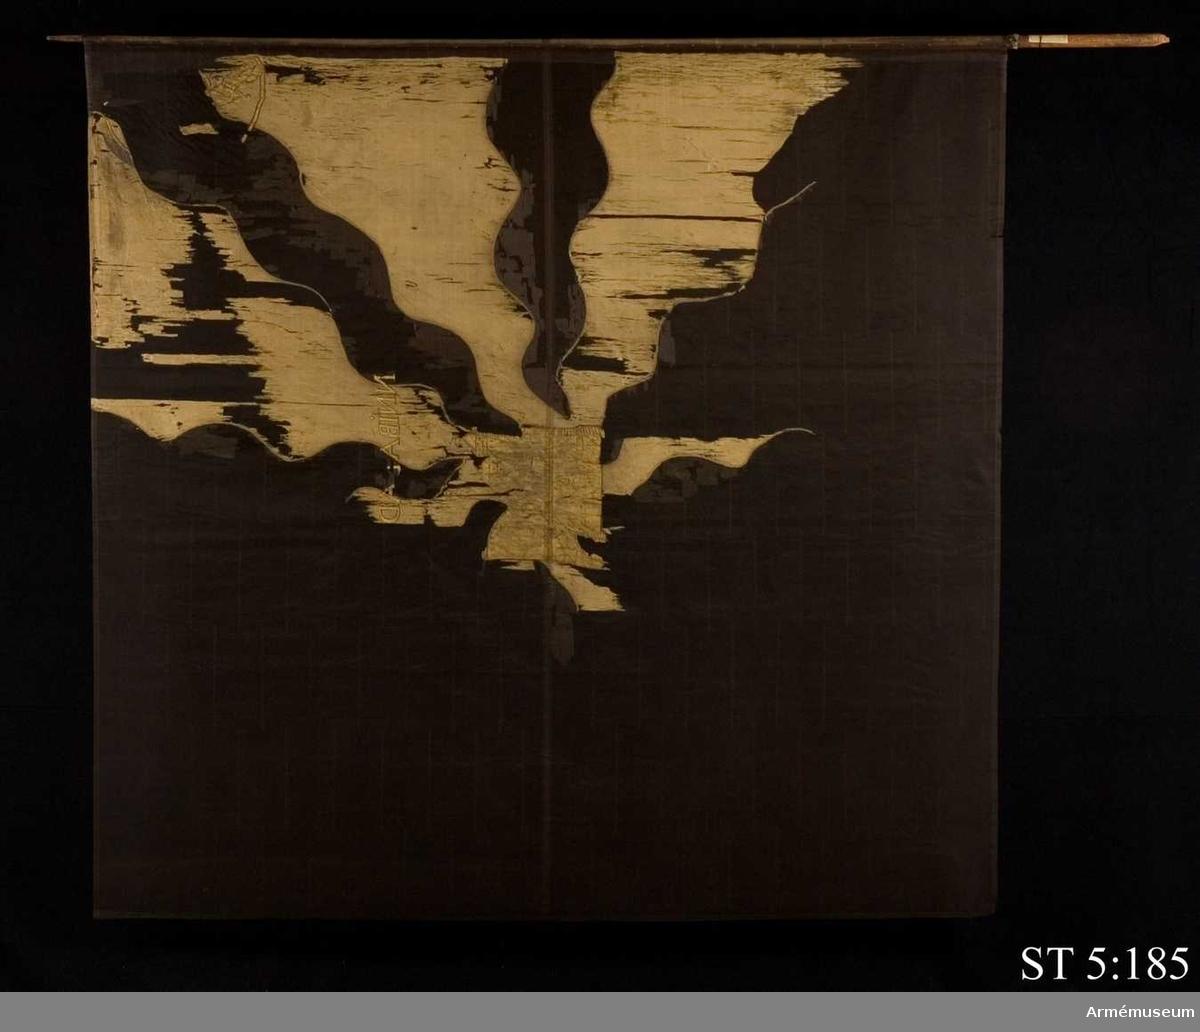 Duk av gul sidentaft med flammor av svart taft. Motivet målat i guld. I mitten en borg eller stadsport och i stångsidans övre hörn det norska lejonet. Över borgen har devisen HANNIBAL AD PORTAS ursprungligen funnits varav bara fragment återstår.  Duken har ursprungligen varit fastspikad vid stången med tännlikor på 5 cm:s avstånd från varandra. Omålad stång, avsmalnande mot spetsen.